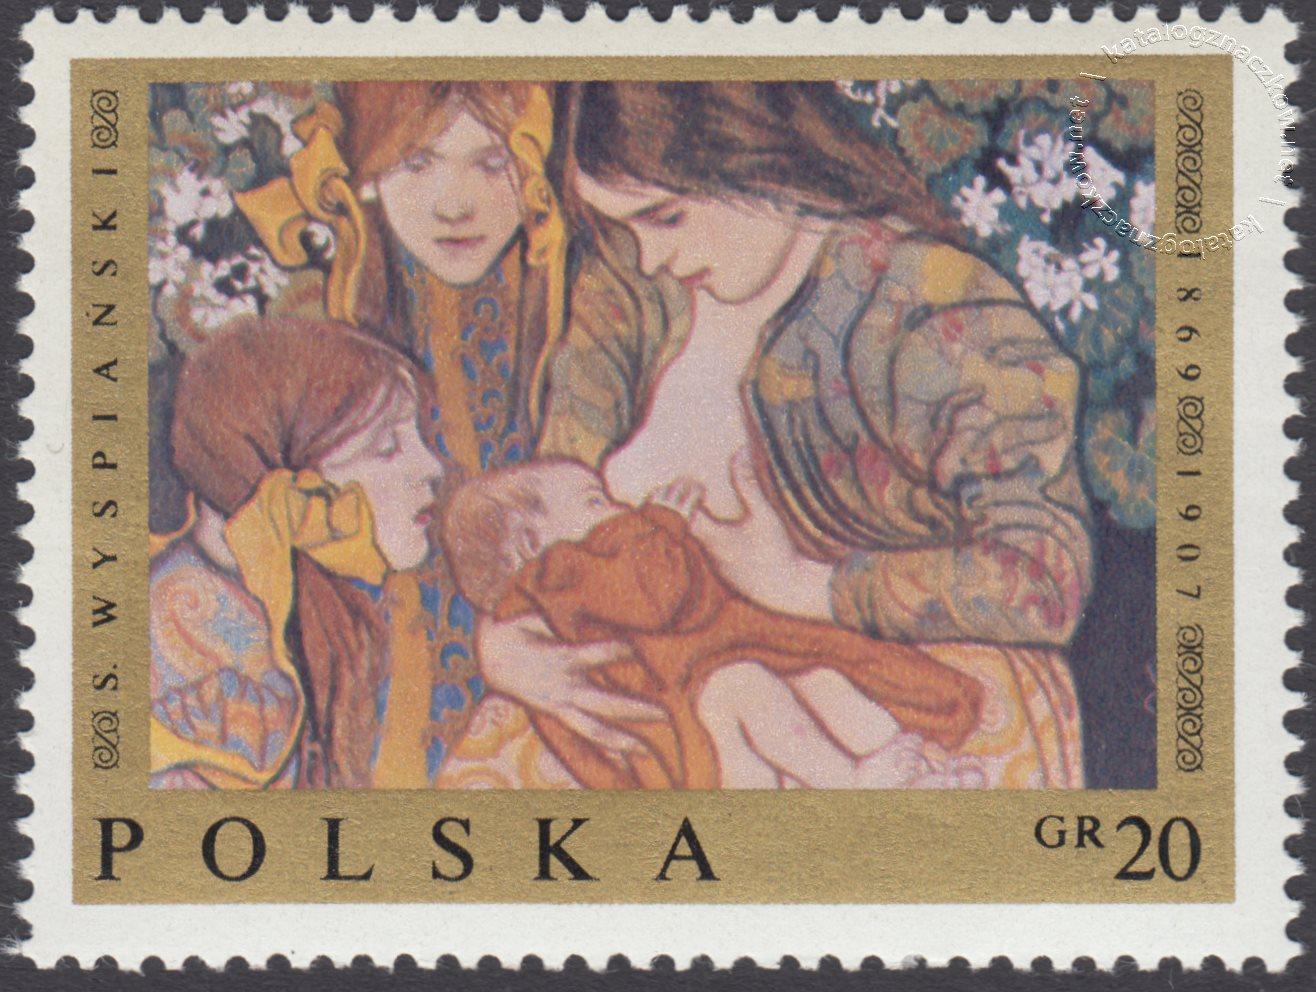 Malarstwo polskie znaczek nr 1794